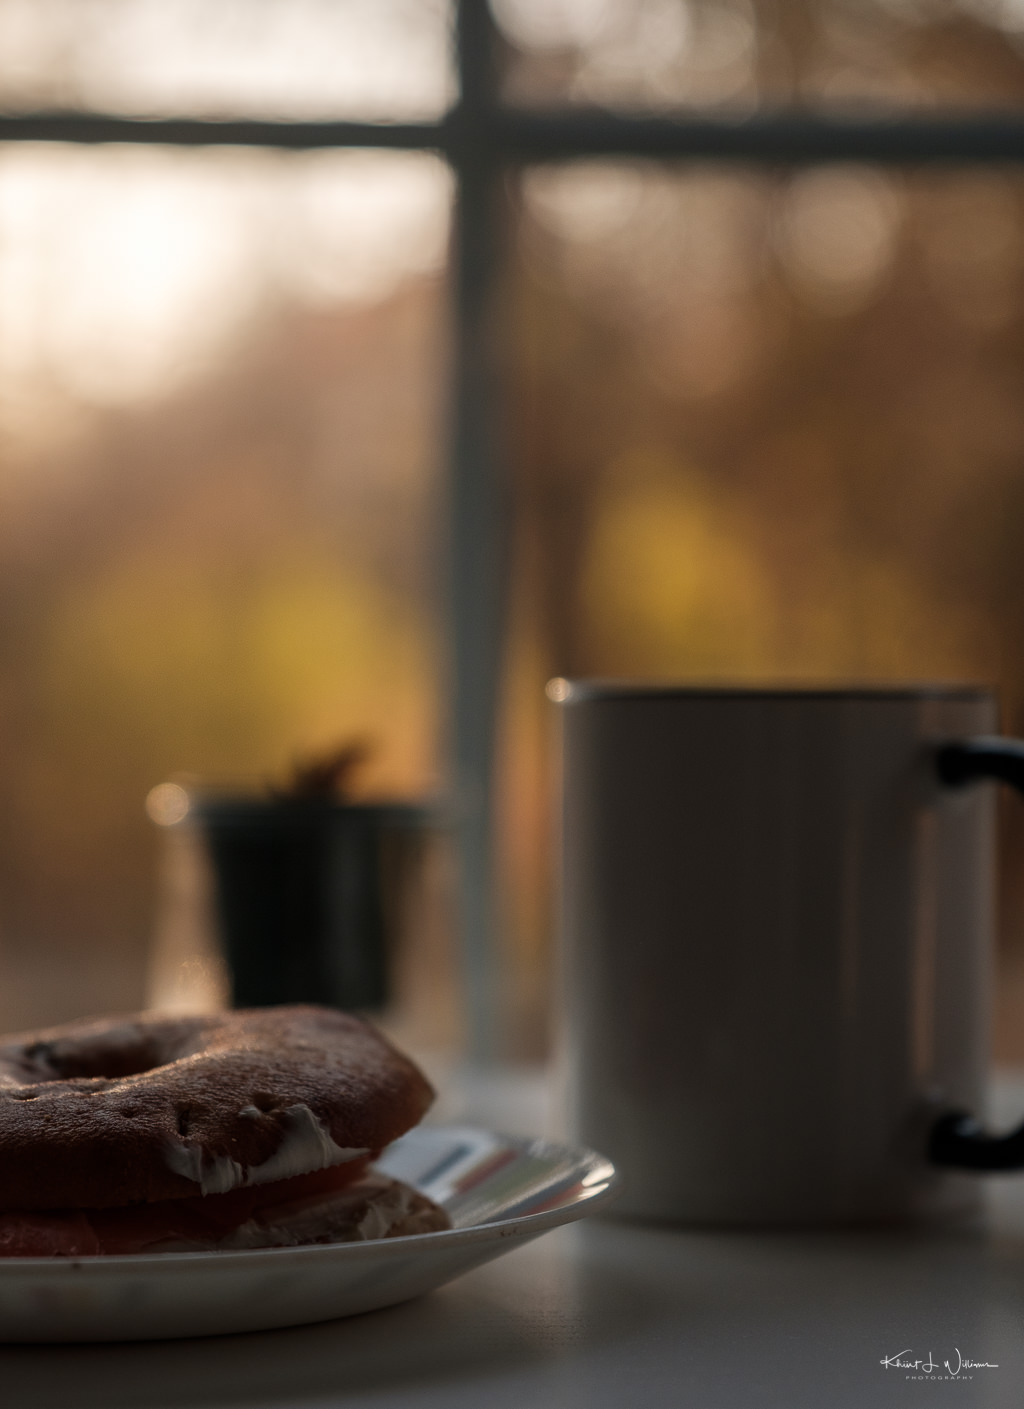 bagel, coffee mug, low morning light